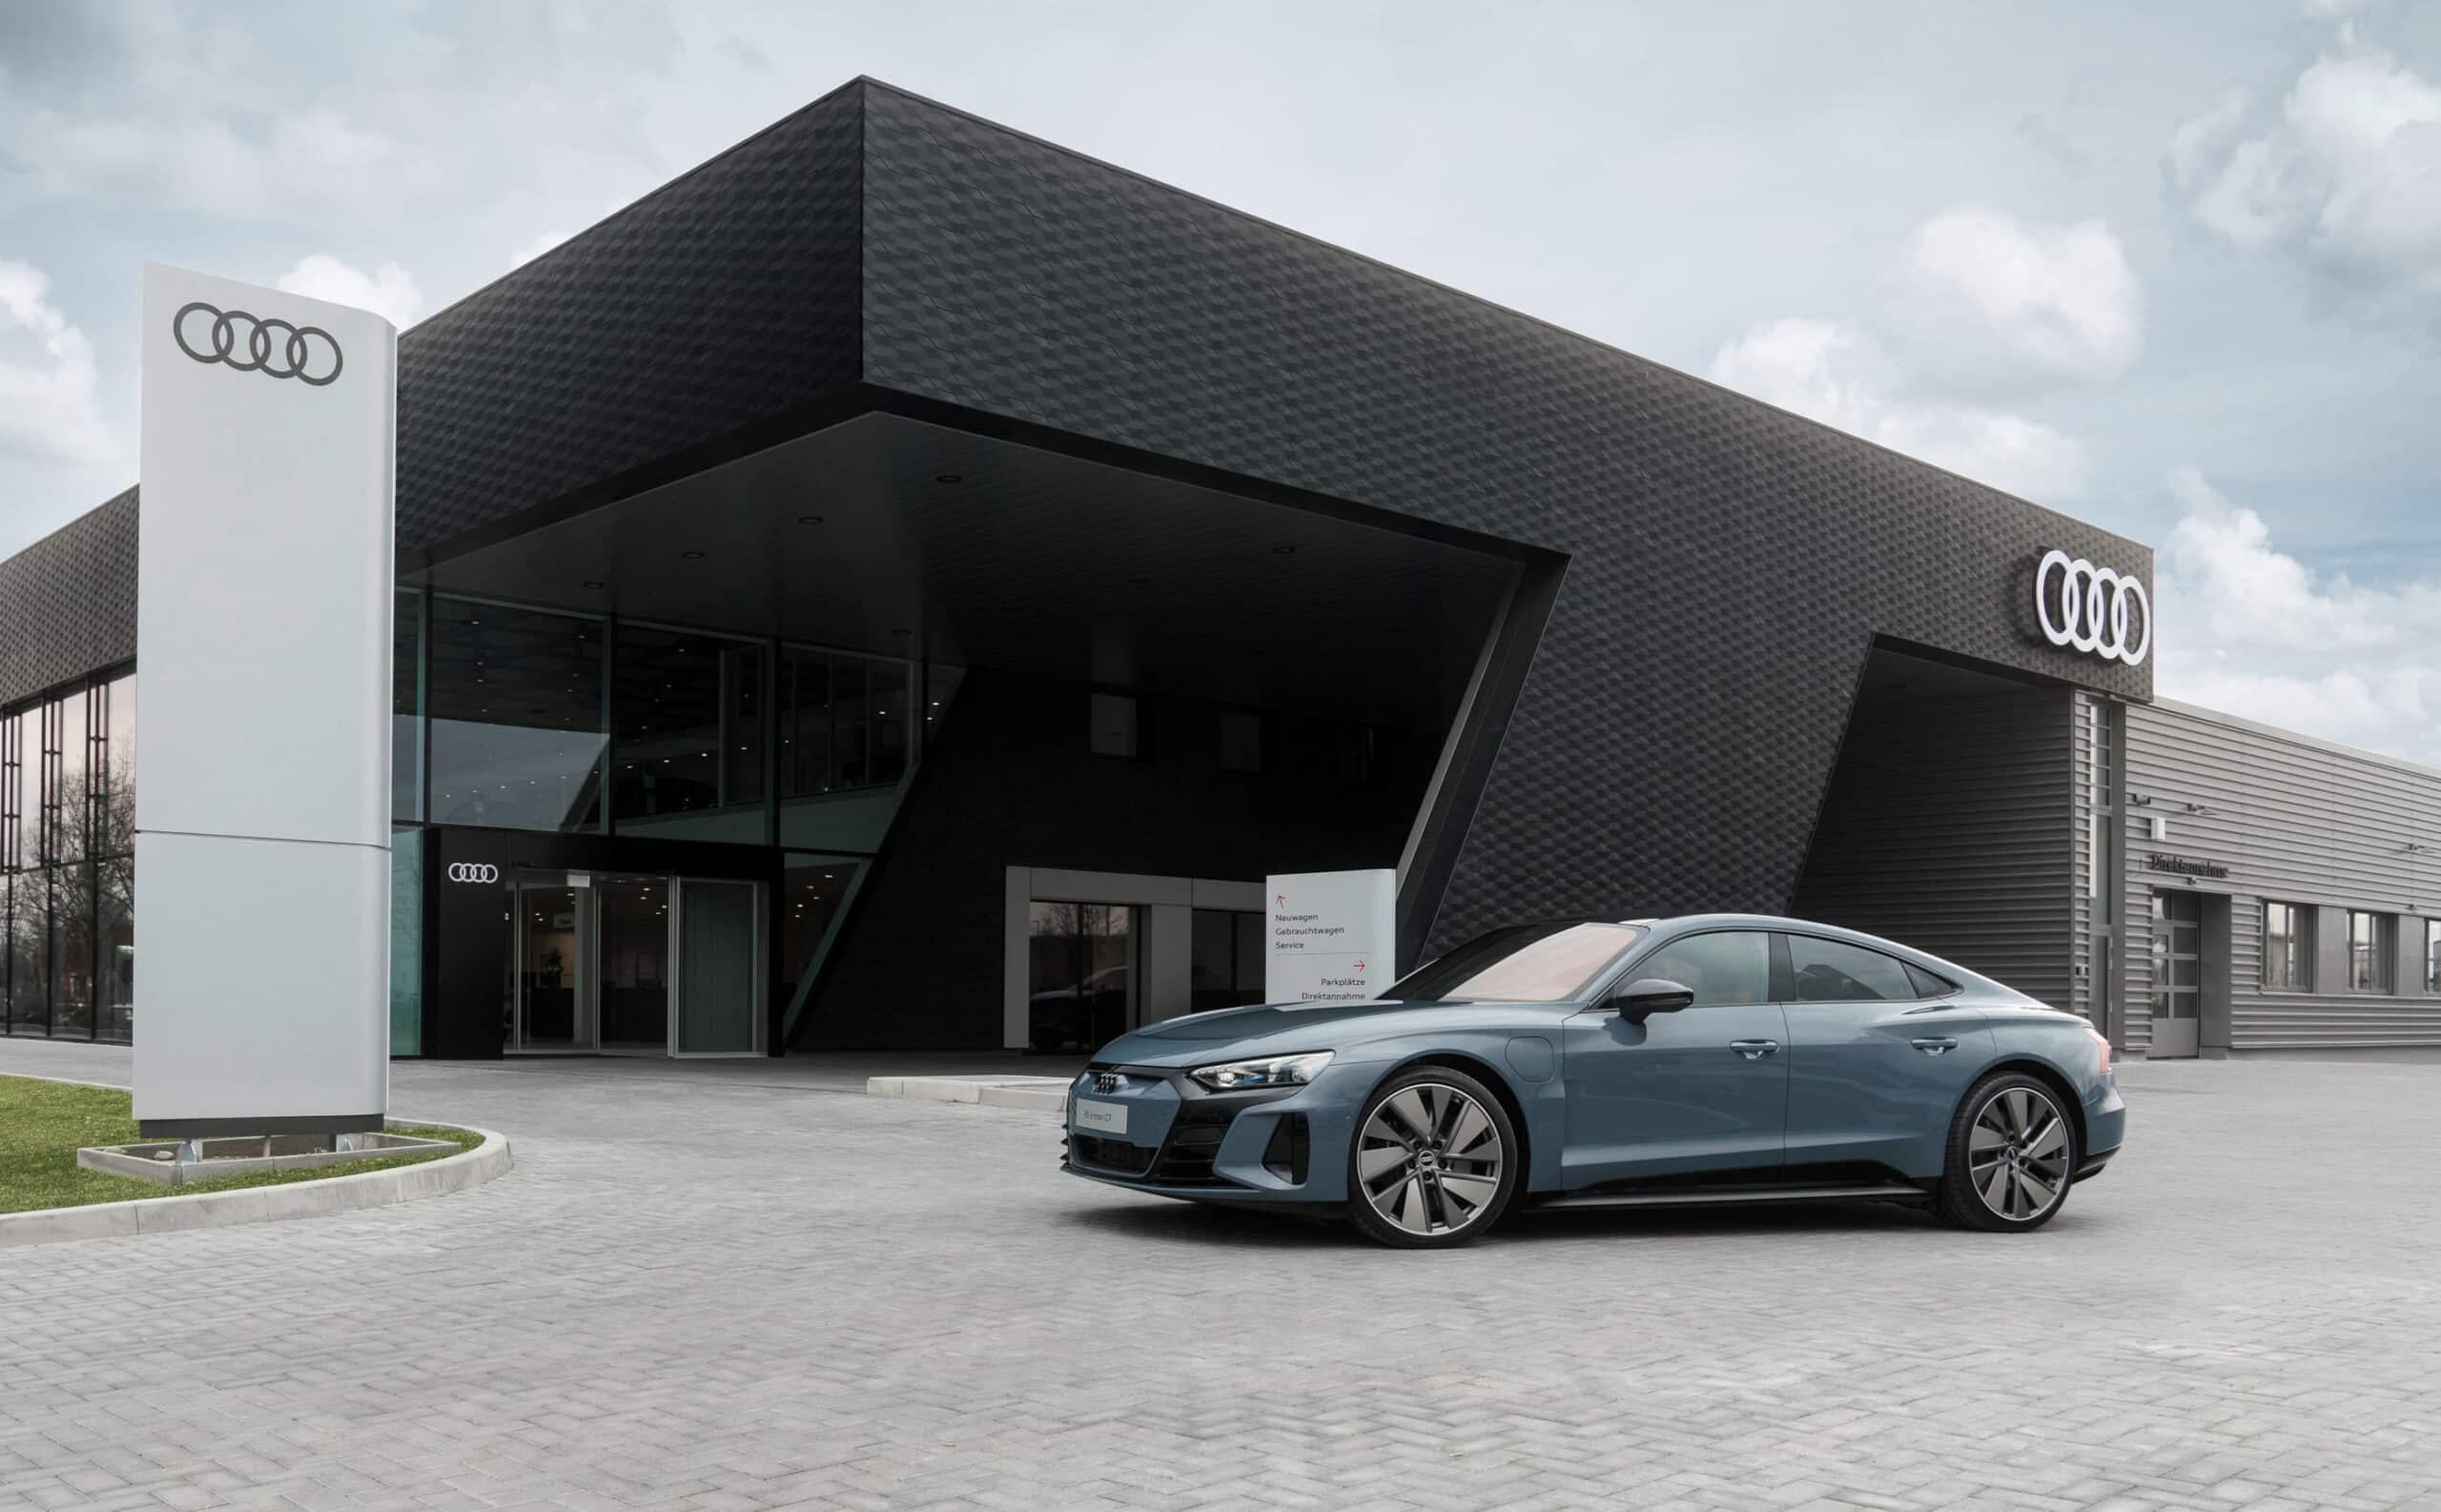 """Medio siglo de la filosofía de Audi: """"Liderazgo por tecnología"""""""